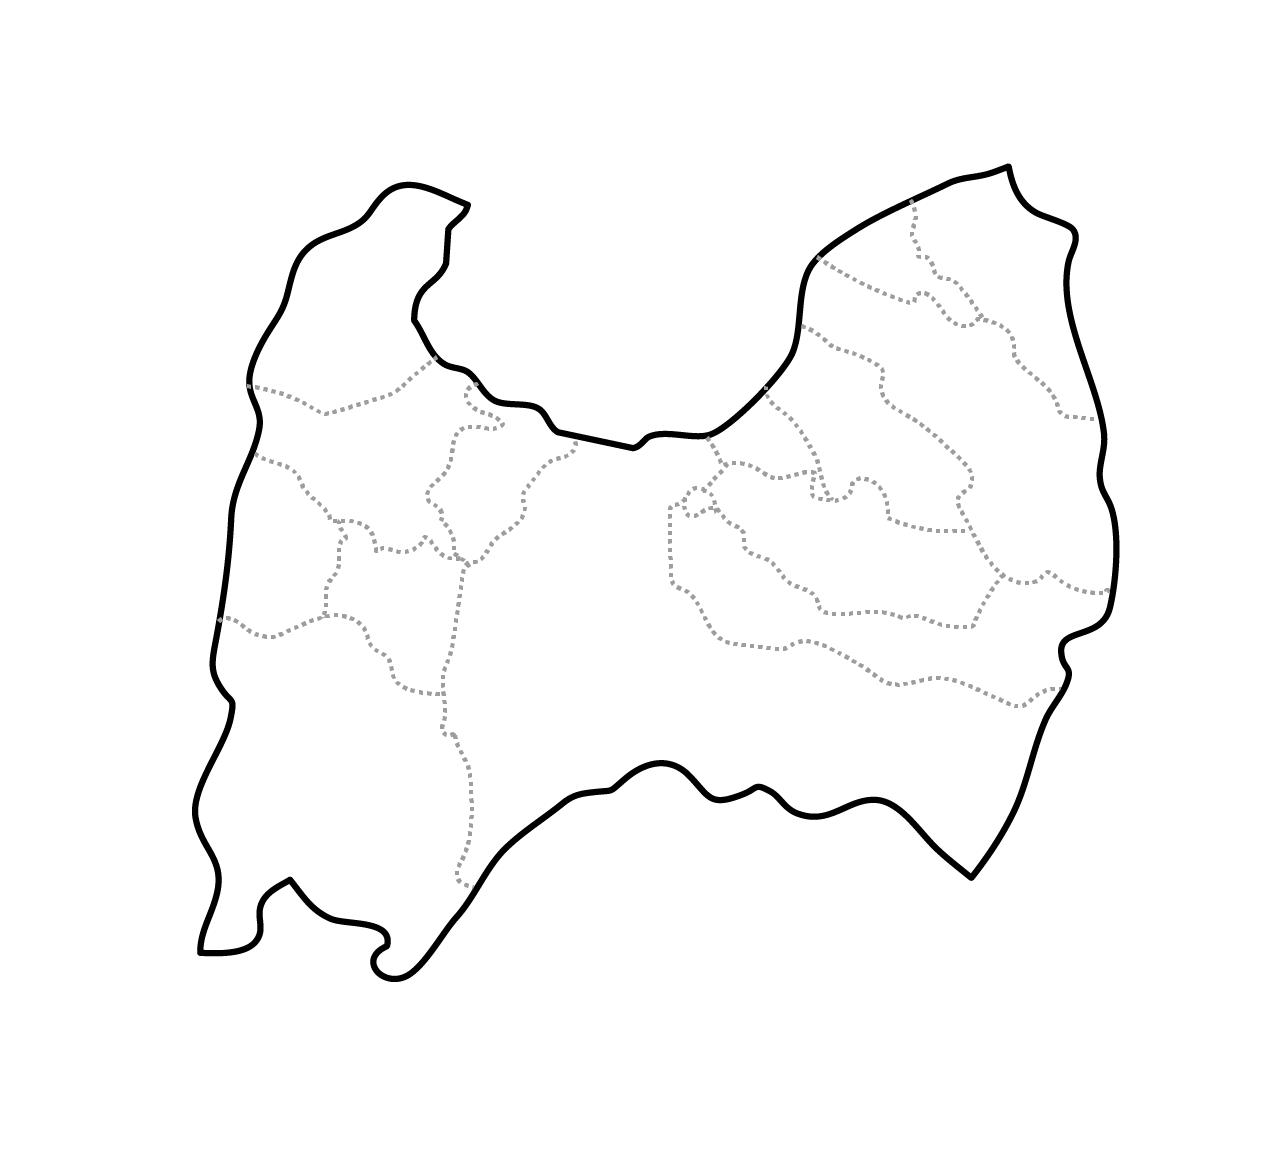 [白地図]富山県・ラインあり・市区町村名なし